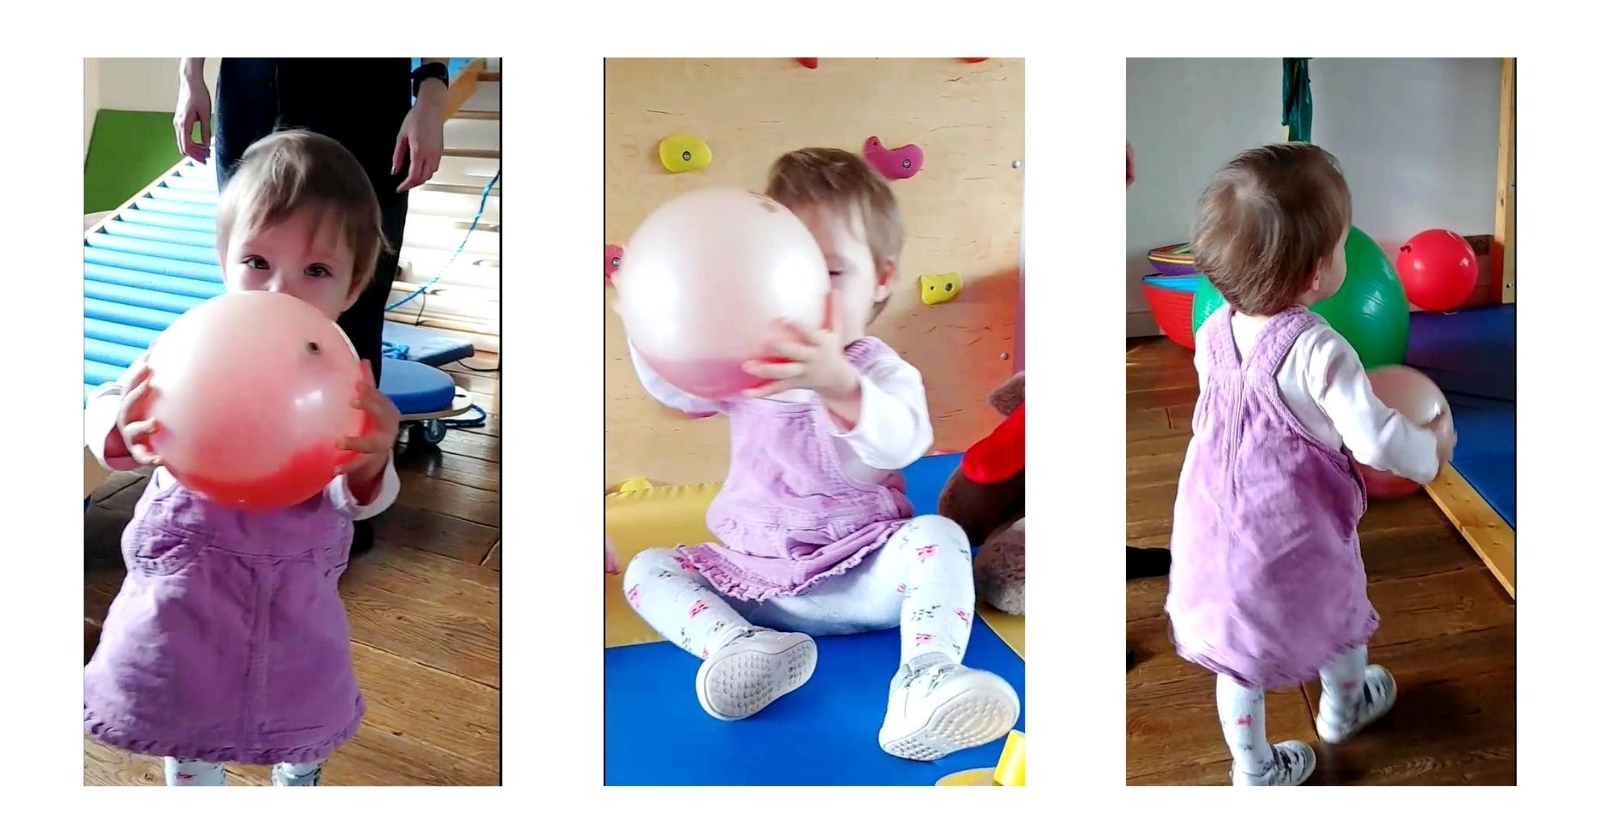 Kreatywne Cwiczenia Z Z Pilkami Gimnastycznymi Reax Fluiball 16cm